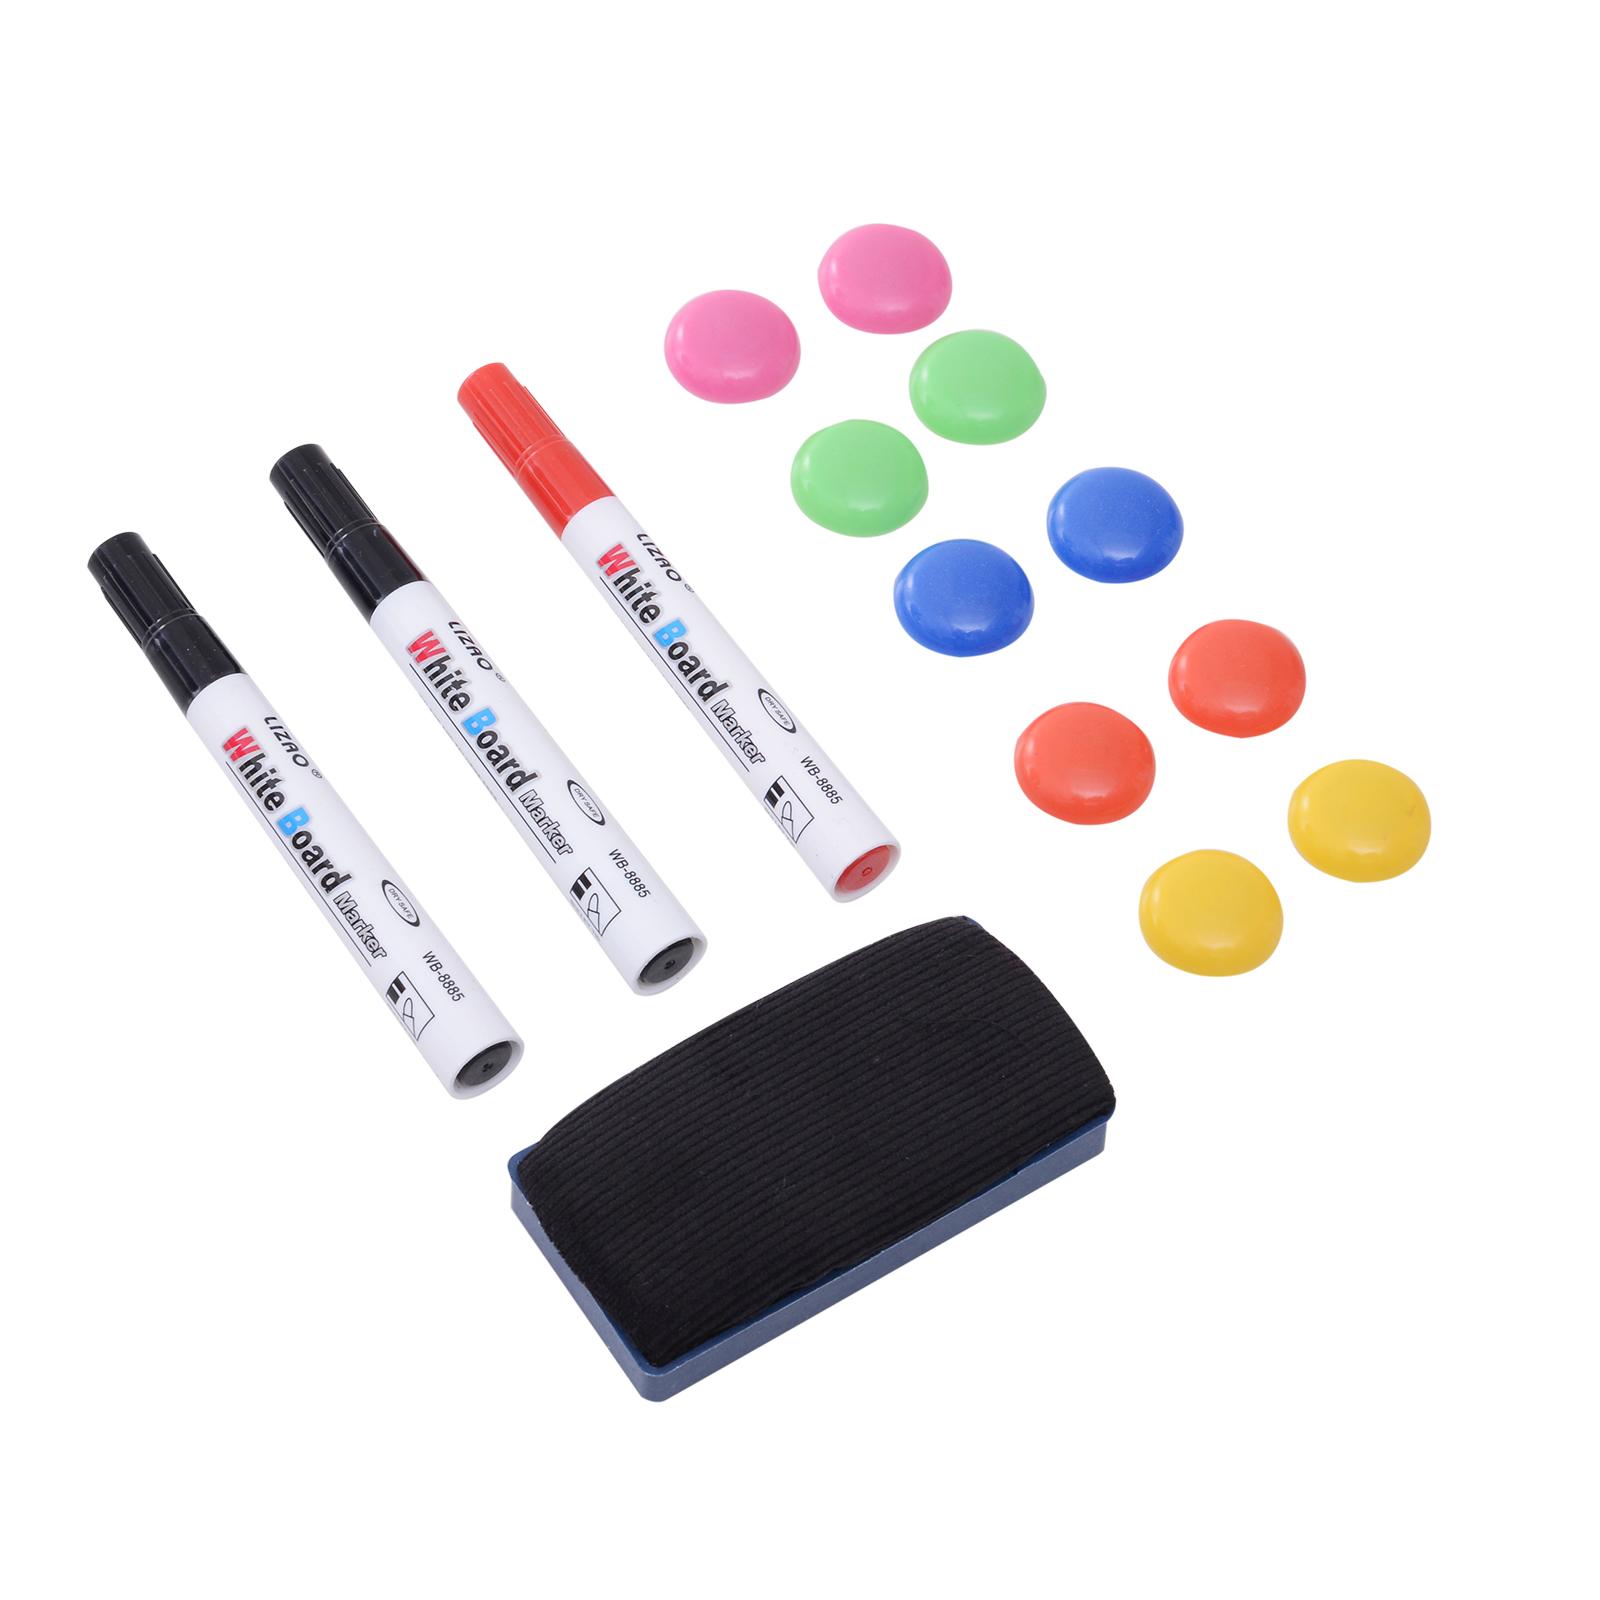 3 rotuladores pizarra blanca con iman y borrador rojo negro azul  *Envío GRATIS